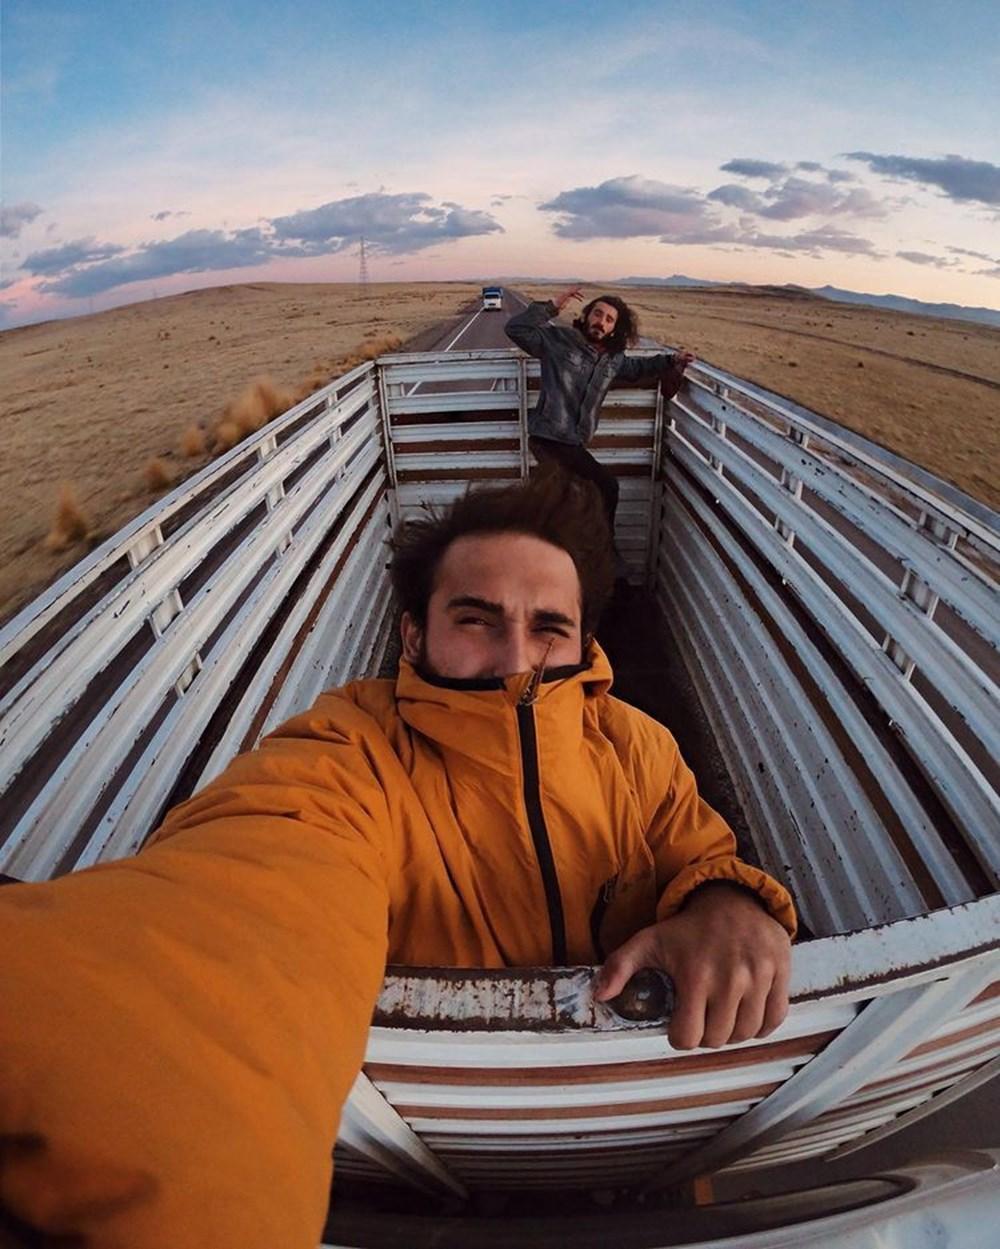 Türk gezgin Berkan Bilgiç bileklik satarak 40 ülke gezdi - 4